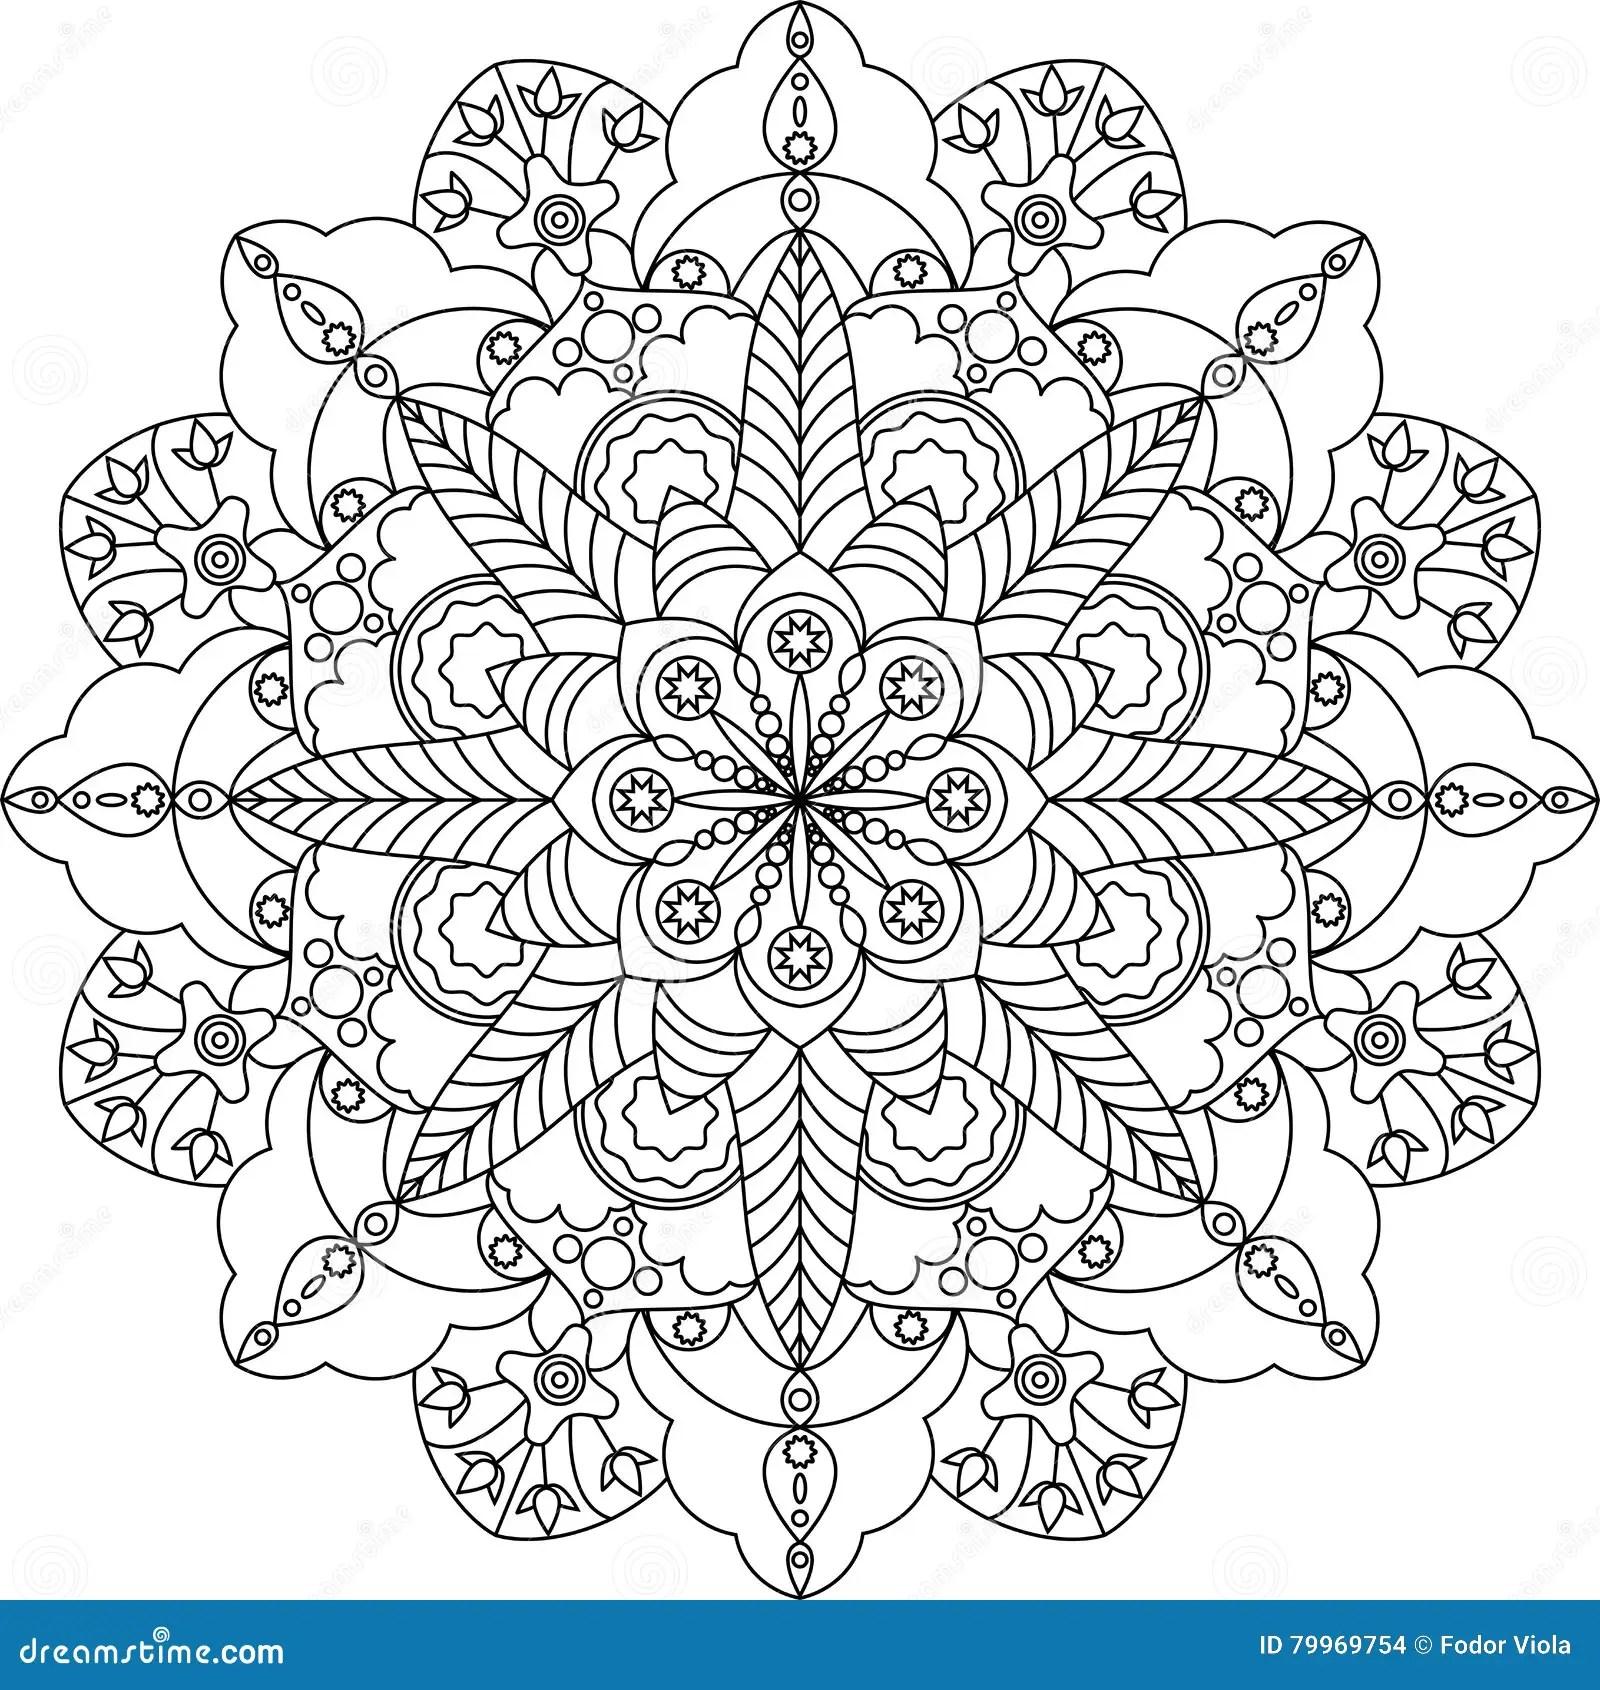 Zentangle Vuxen Farglaggningsida Mandala Med Blommor